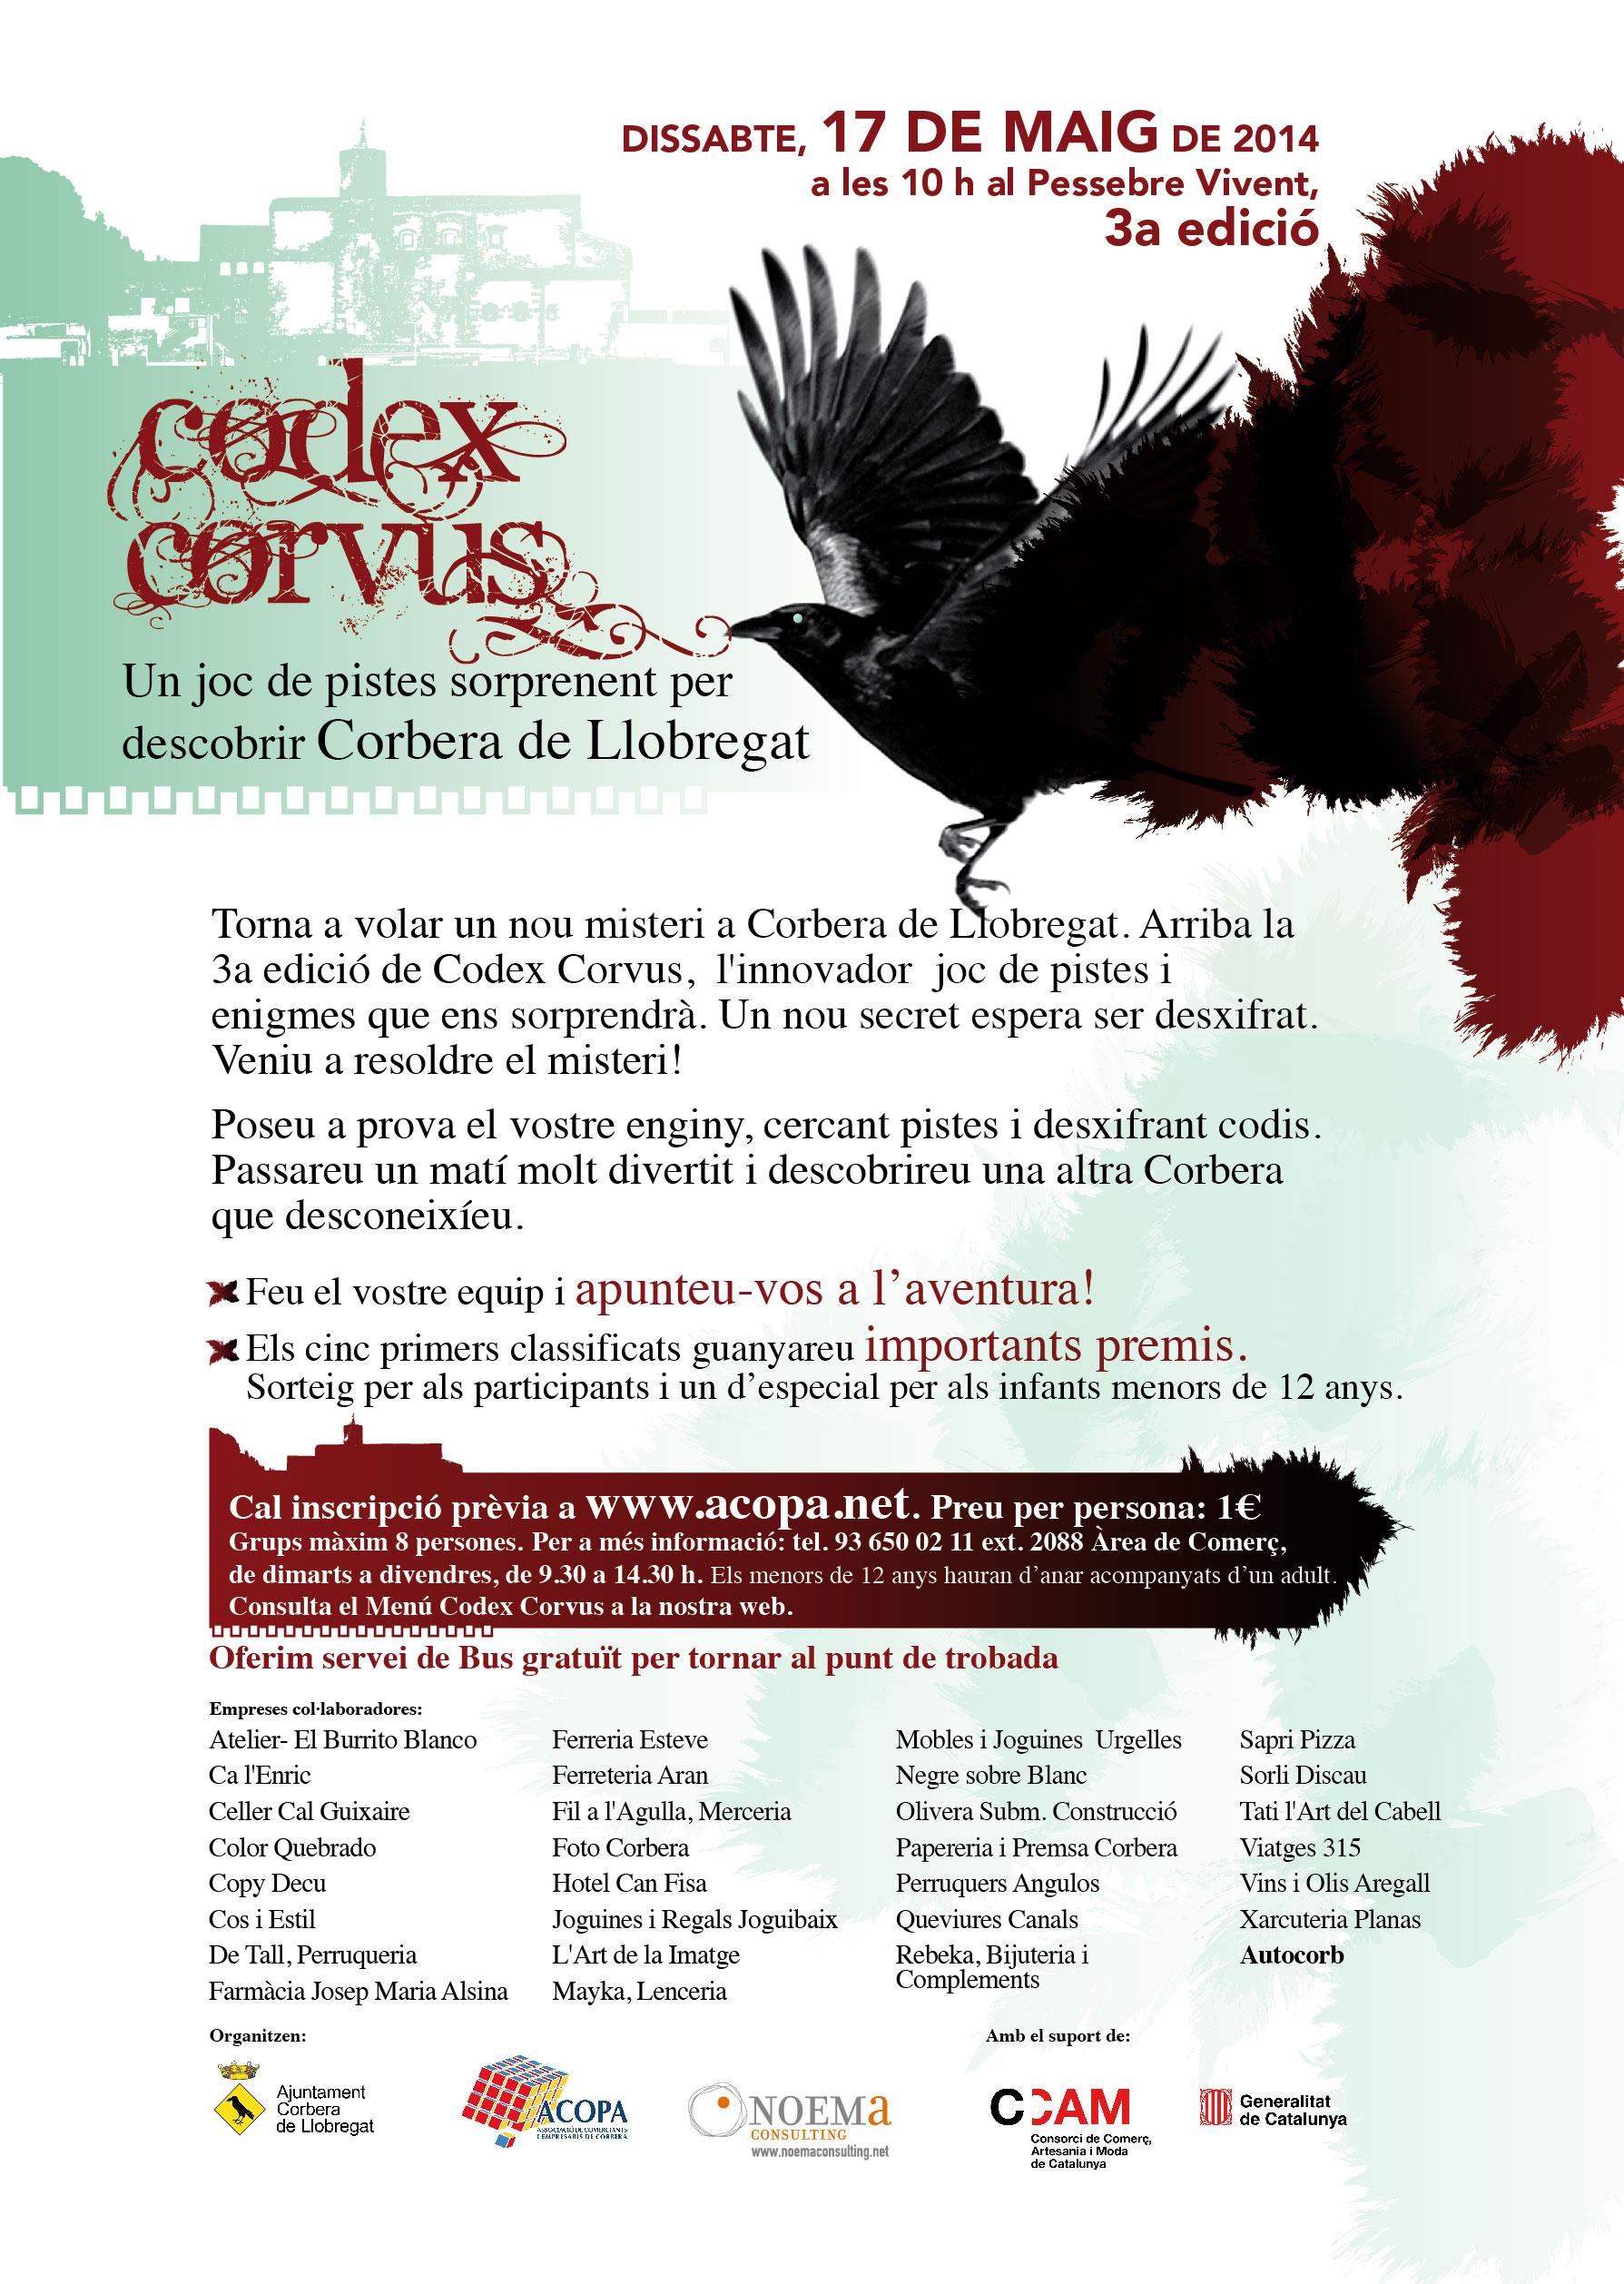 CODEX_CORVUS_JOC DE PISTES 2014